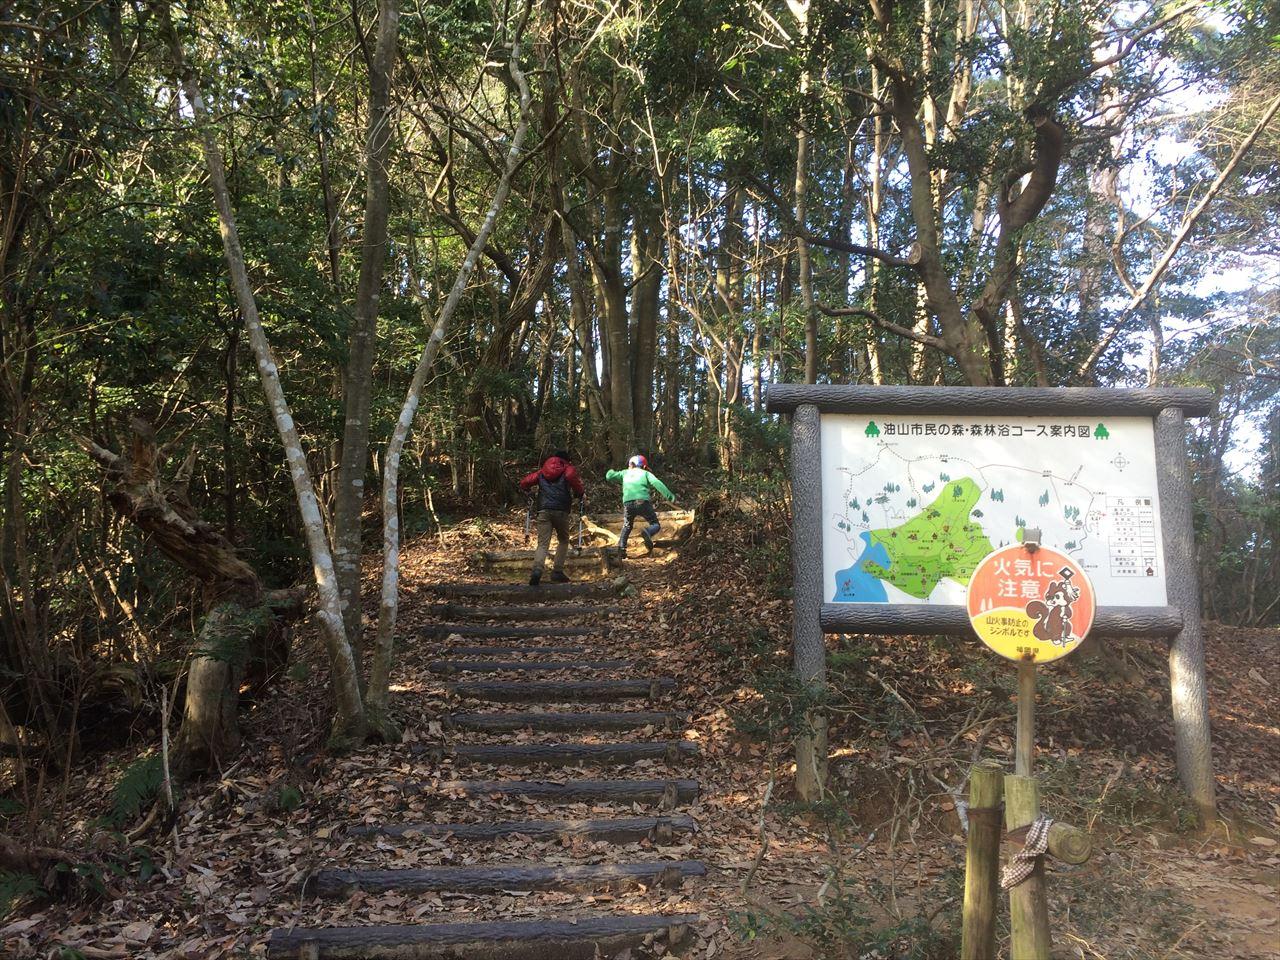 油山 子供と自然を繋ぐ道 登山(2015.12.29)